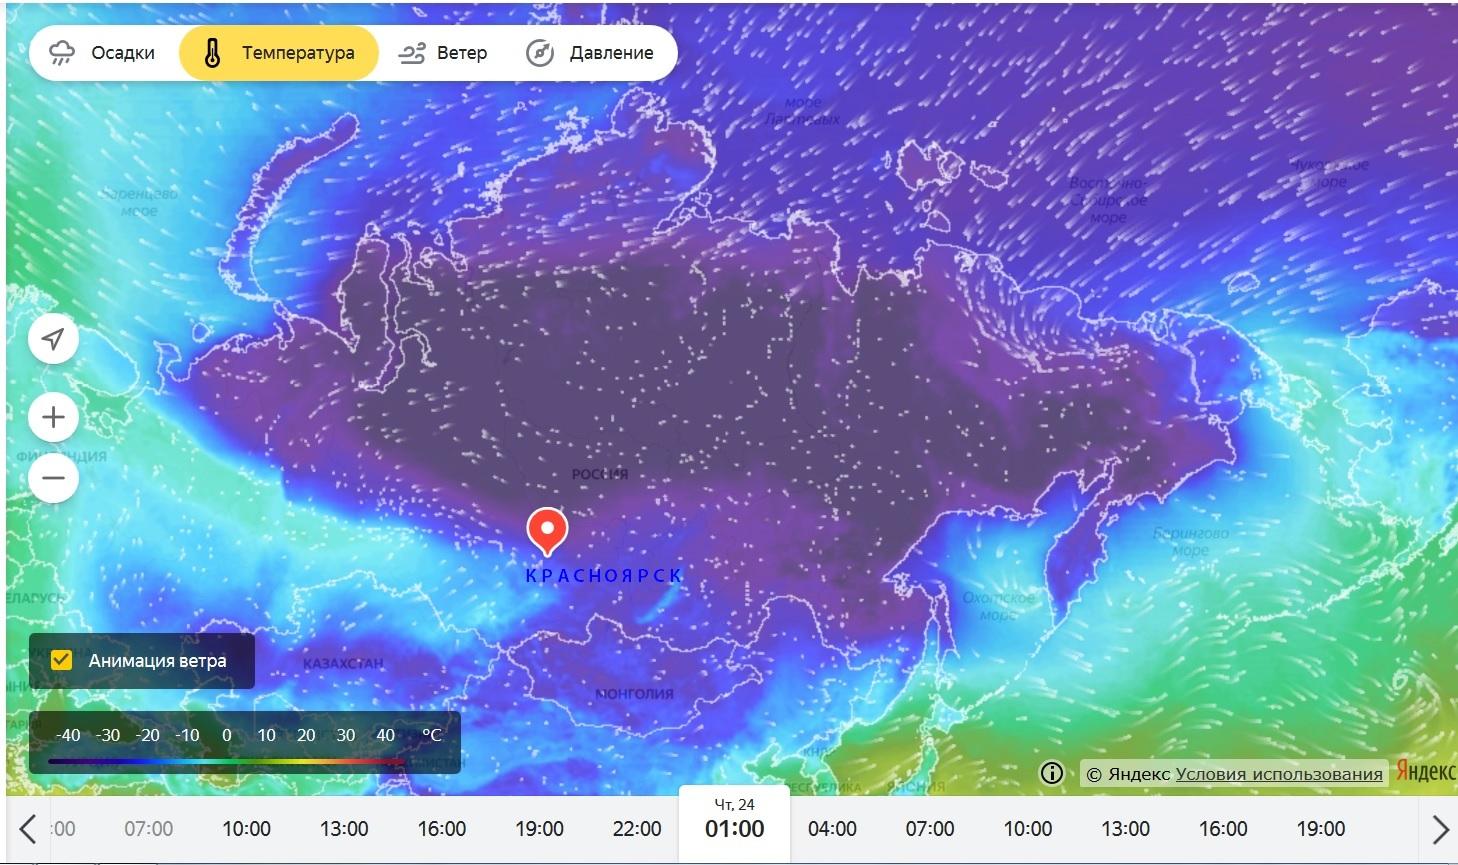 Режим повышенной готовности продлится в КрасКоме в течение двух недель, включая период прохождения через Красноярск мощного арктического антициклона и десять дней новогодних каникул.